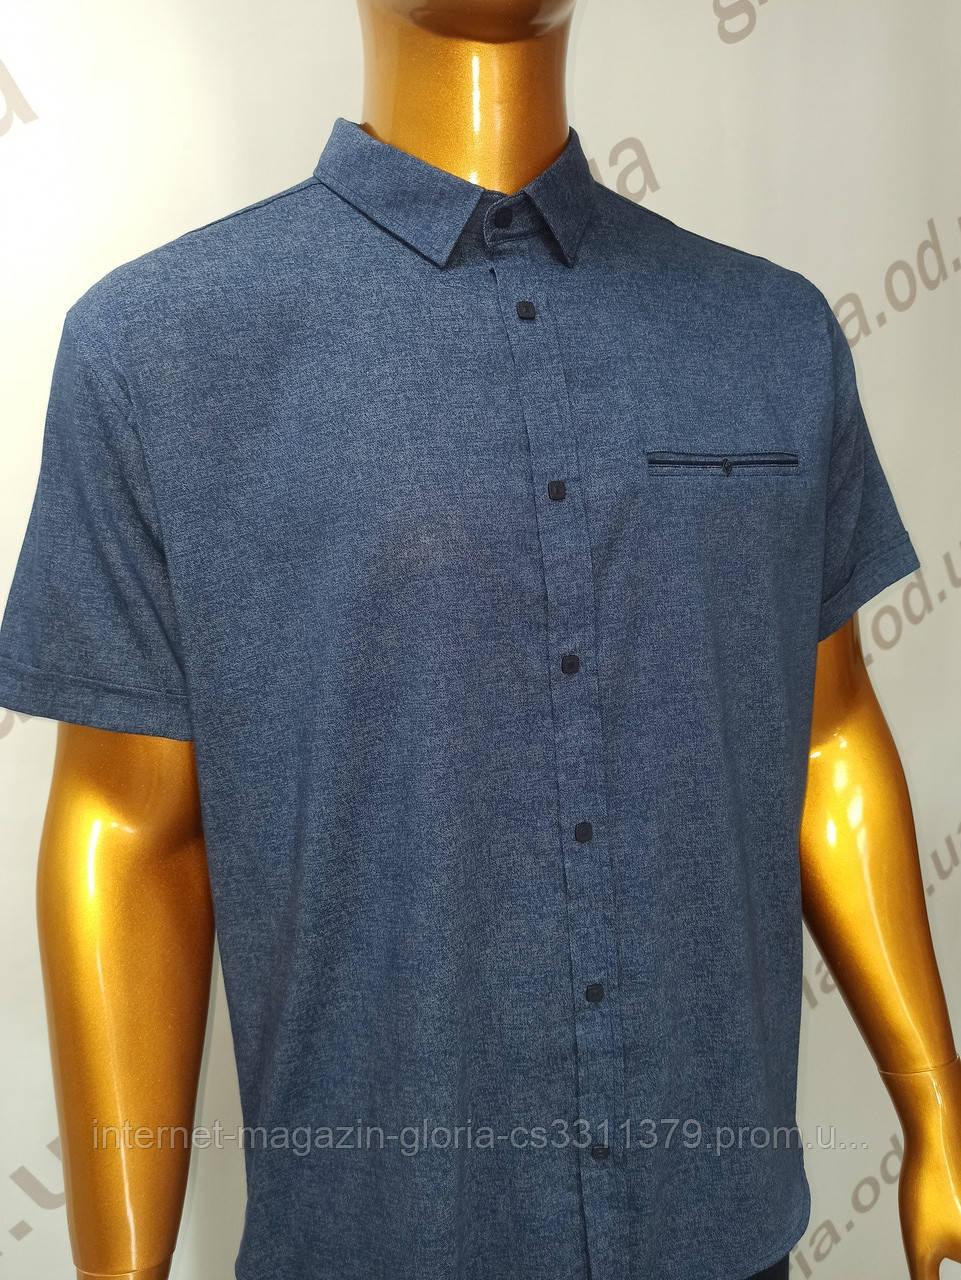 Мужская рубашка Amato. AG. 29397-2(s). Размеры: 2XL,3XL,4XL,5XL.